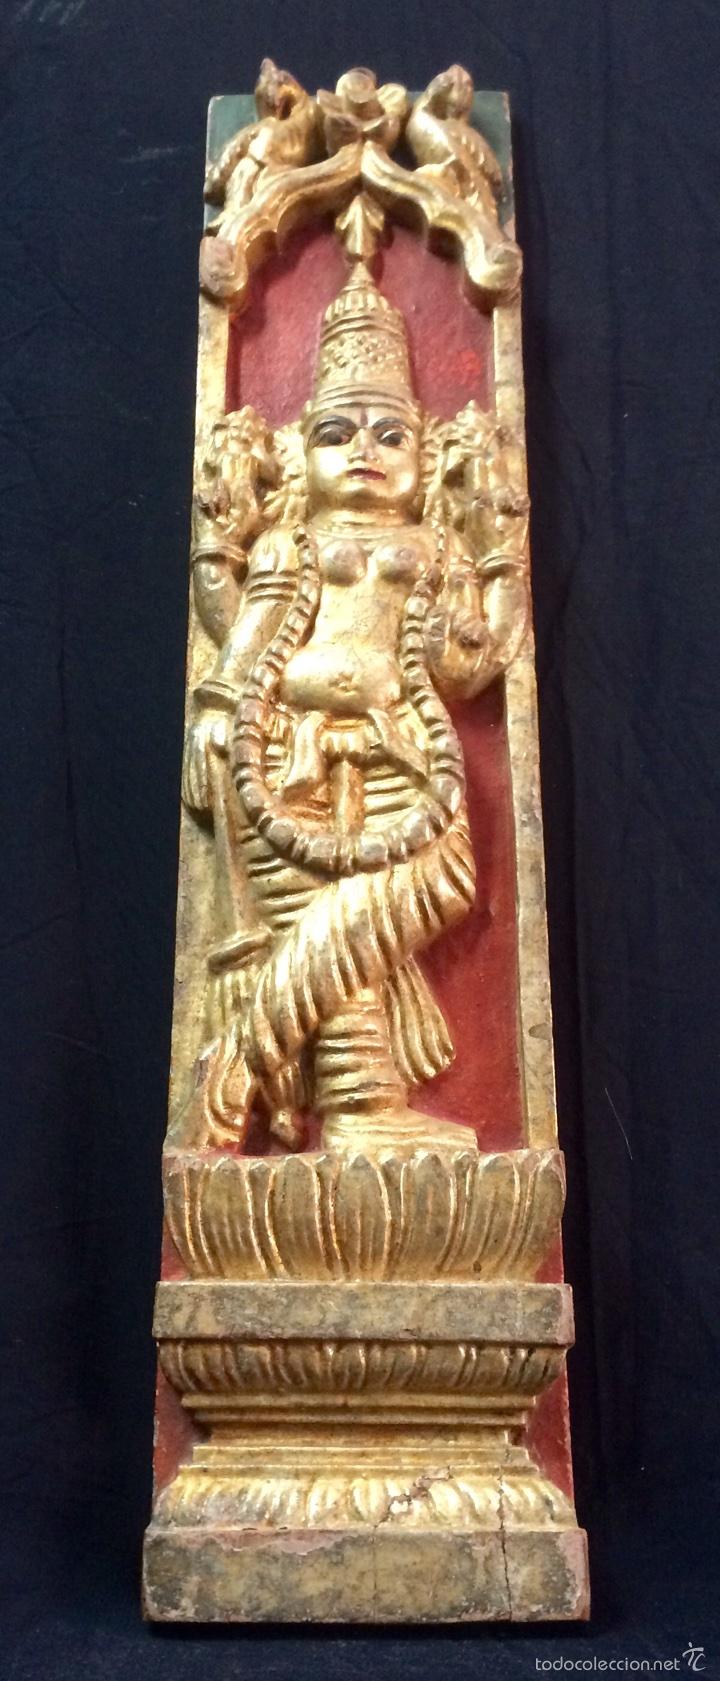 Arte: Tallas en altorelieve orientales, principios siglo XX. - Foto 5 - 66341313